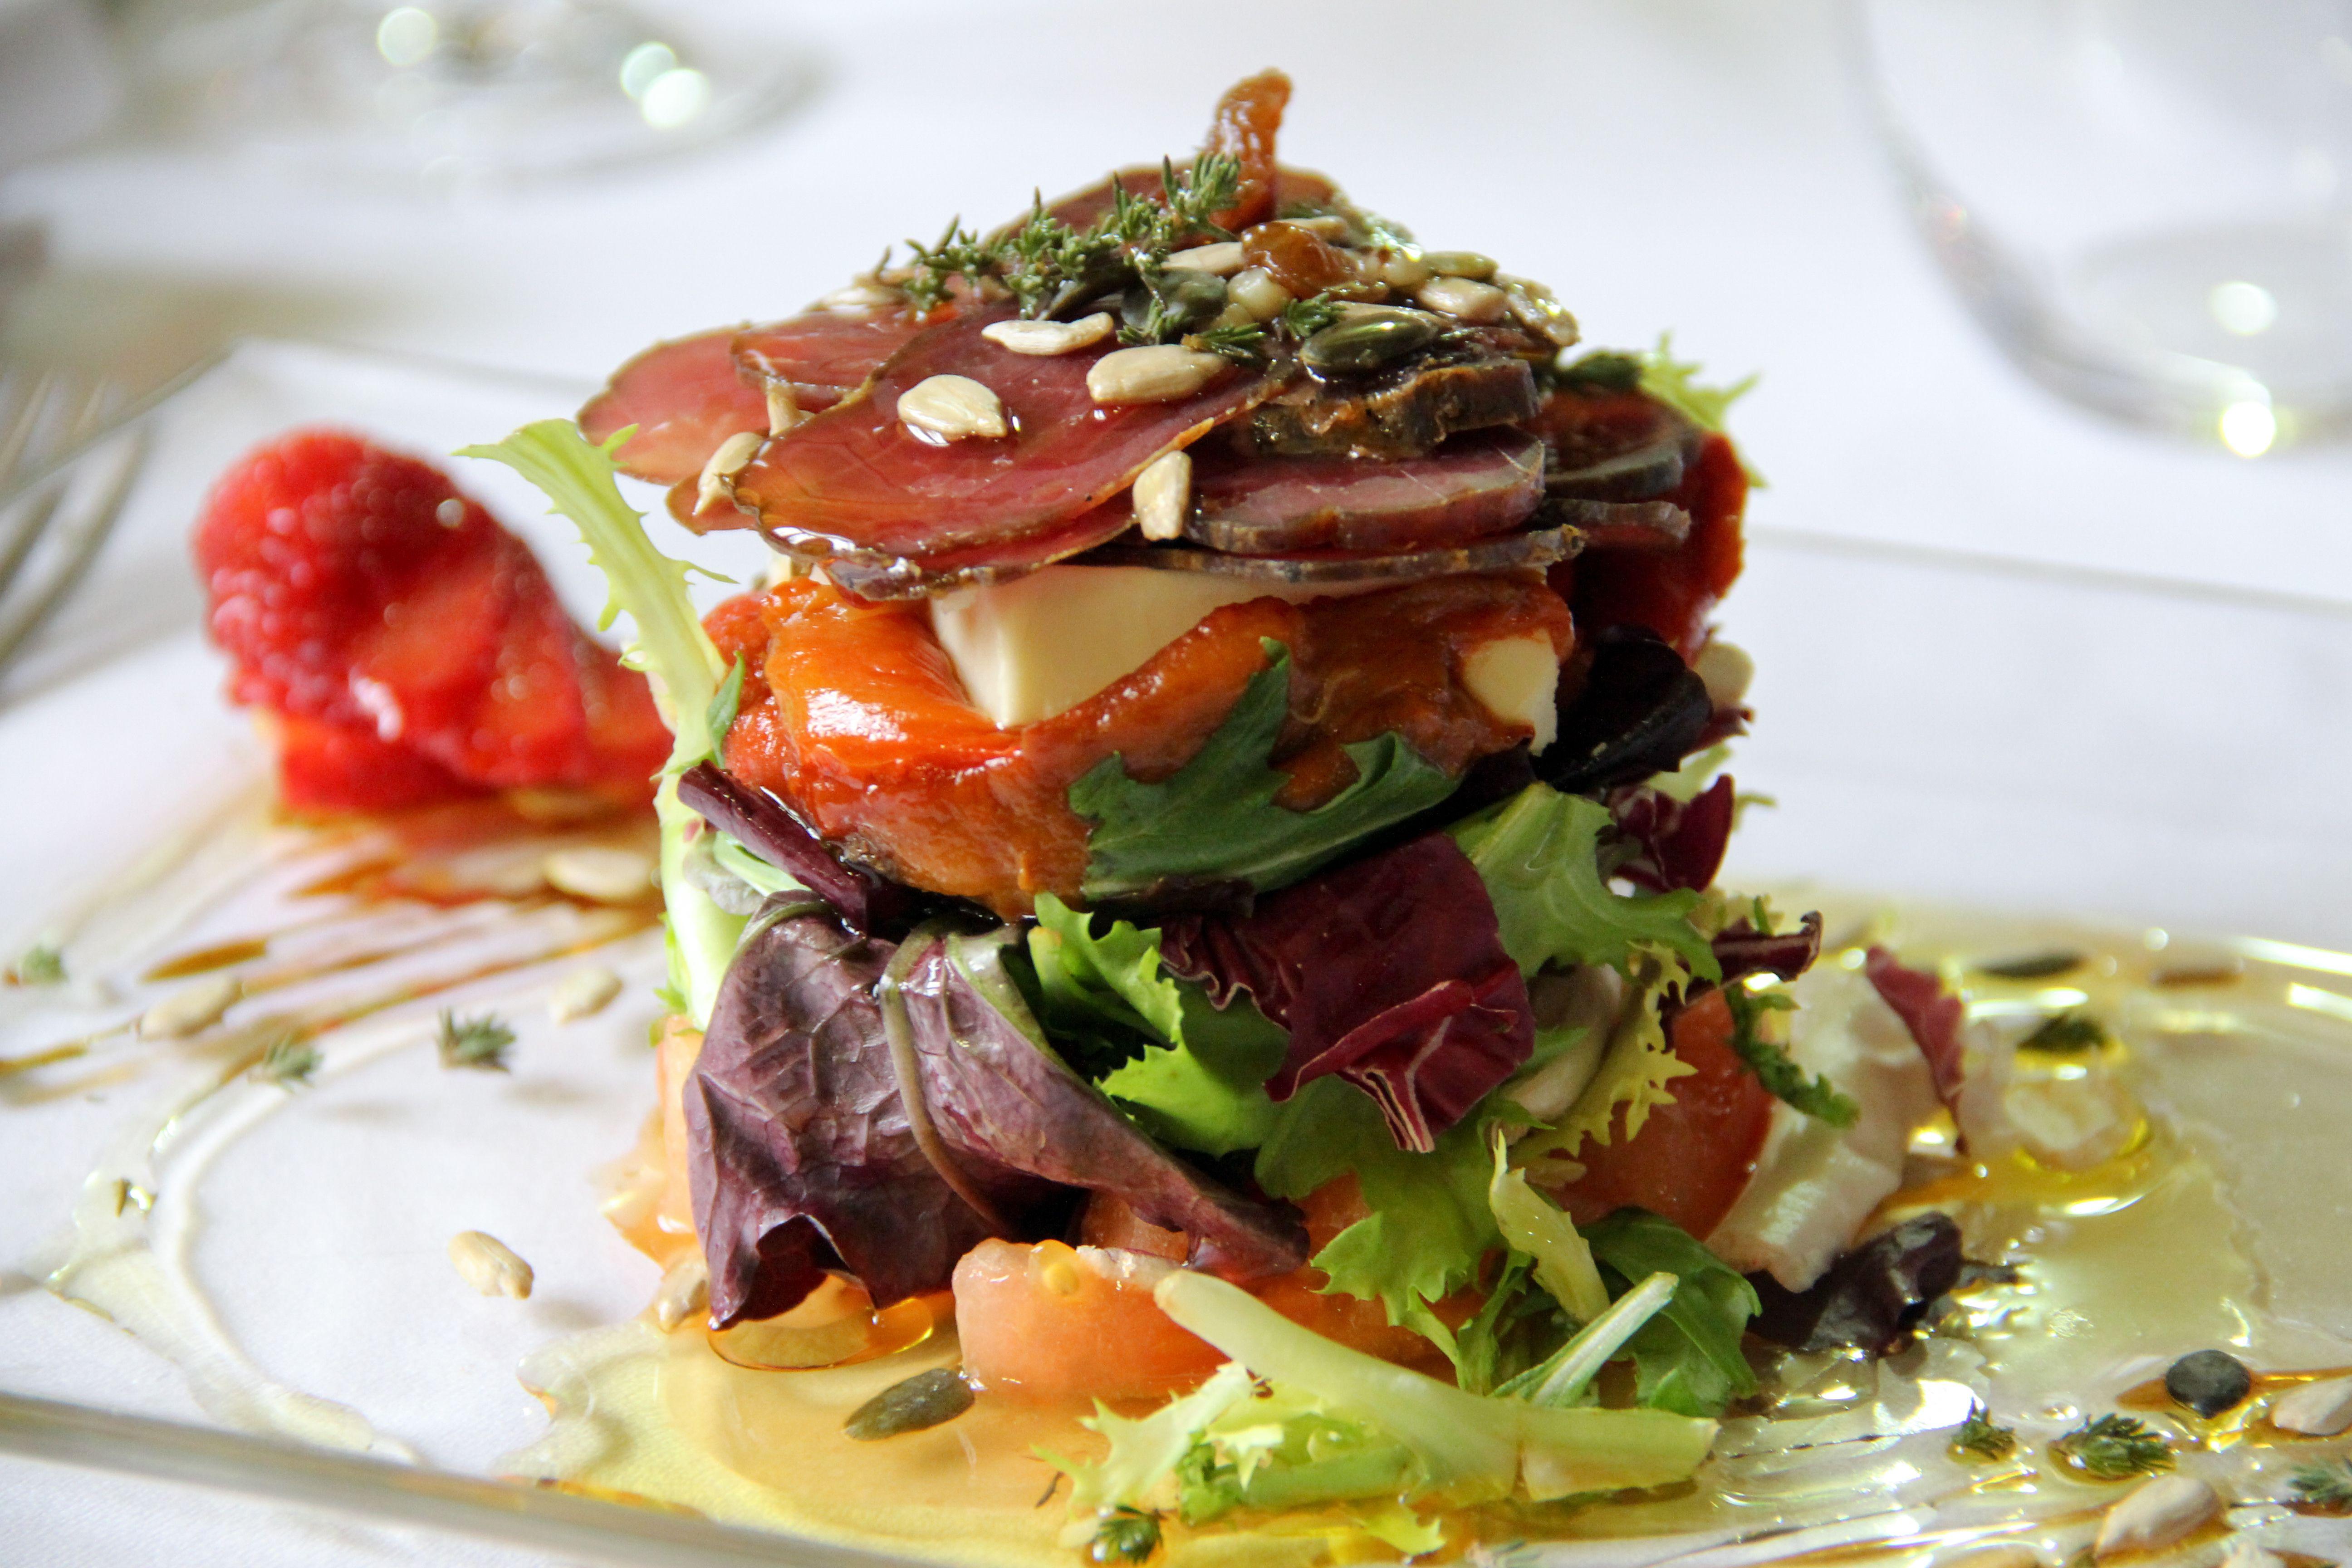 Si aún no has probado nuestra cocina, te invitamos a que vengas a degustar nuestros variados platos